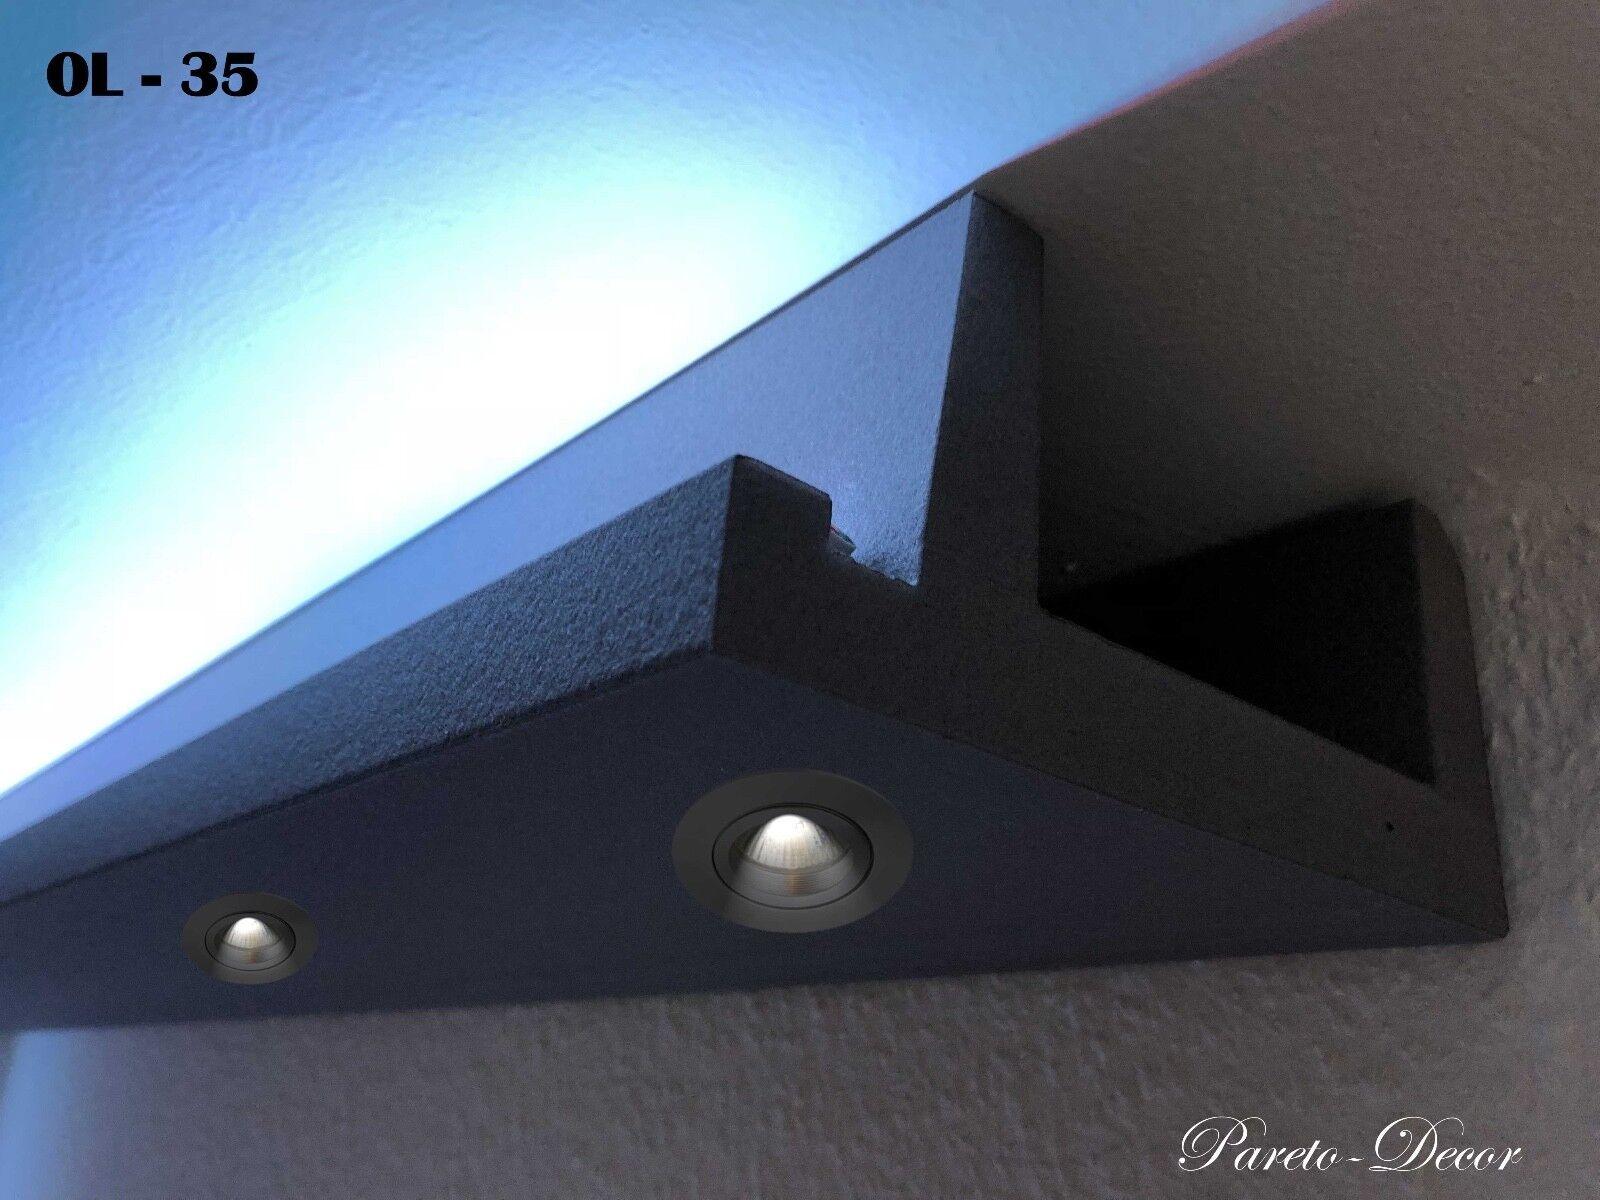 6 Meter LED Licht Bebauung Profil Spot für indirekte Beleuchtung XPS OL-35